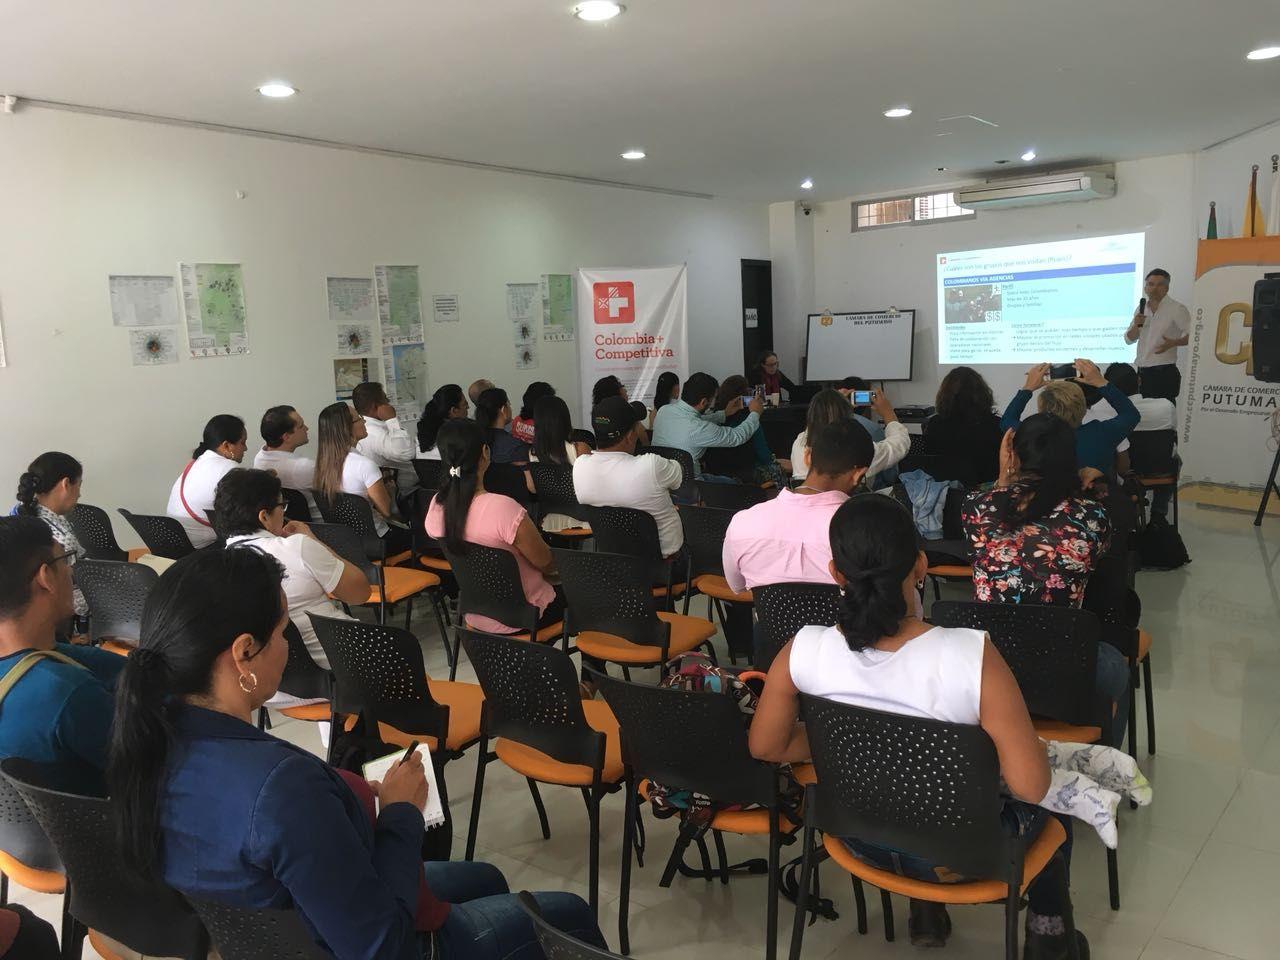 Turismo para la competitividad: Experticia suiza para Putumayo y Llanos Orientales